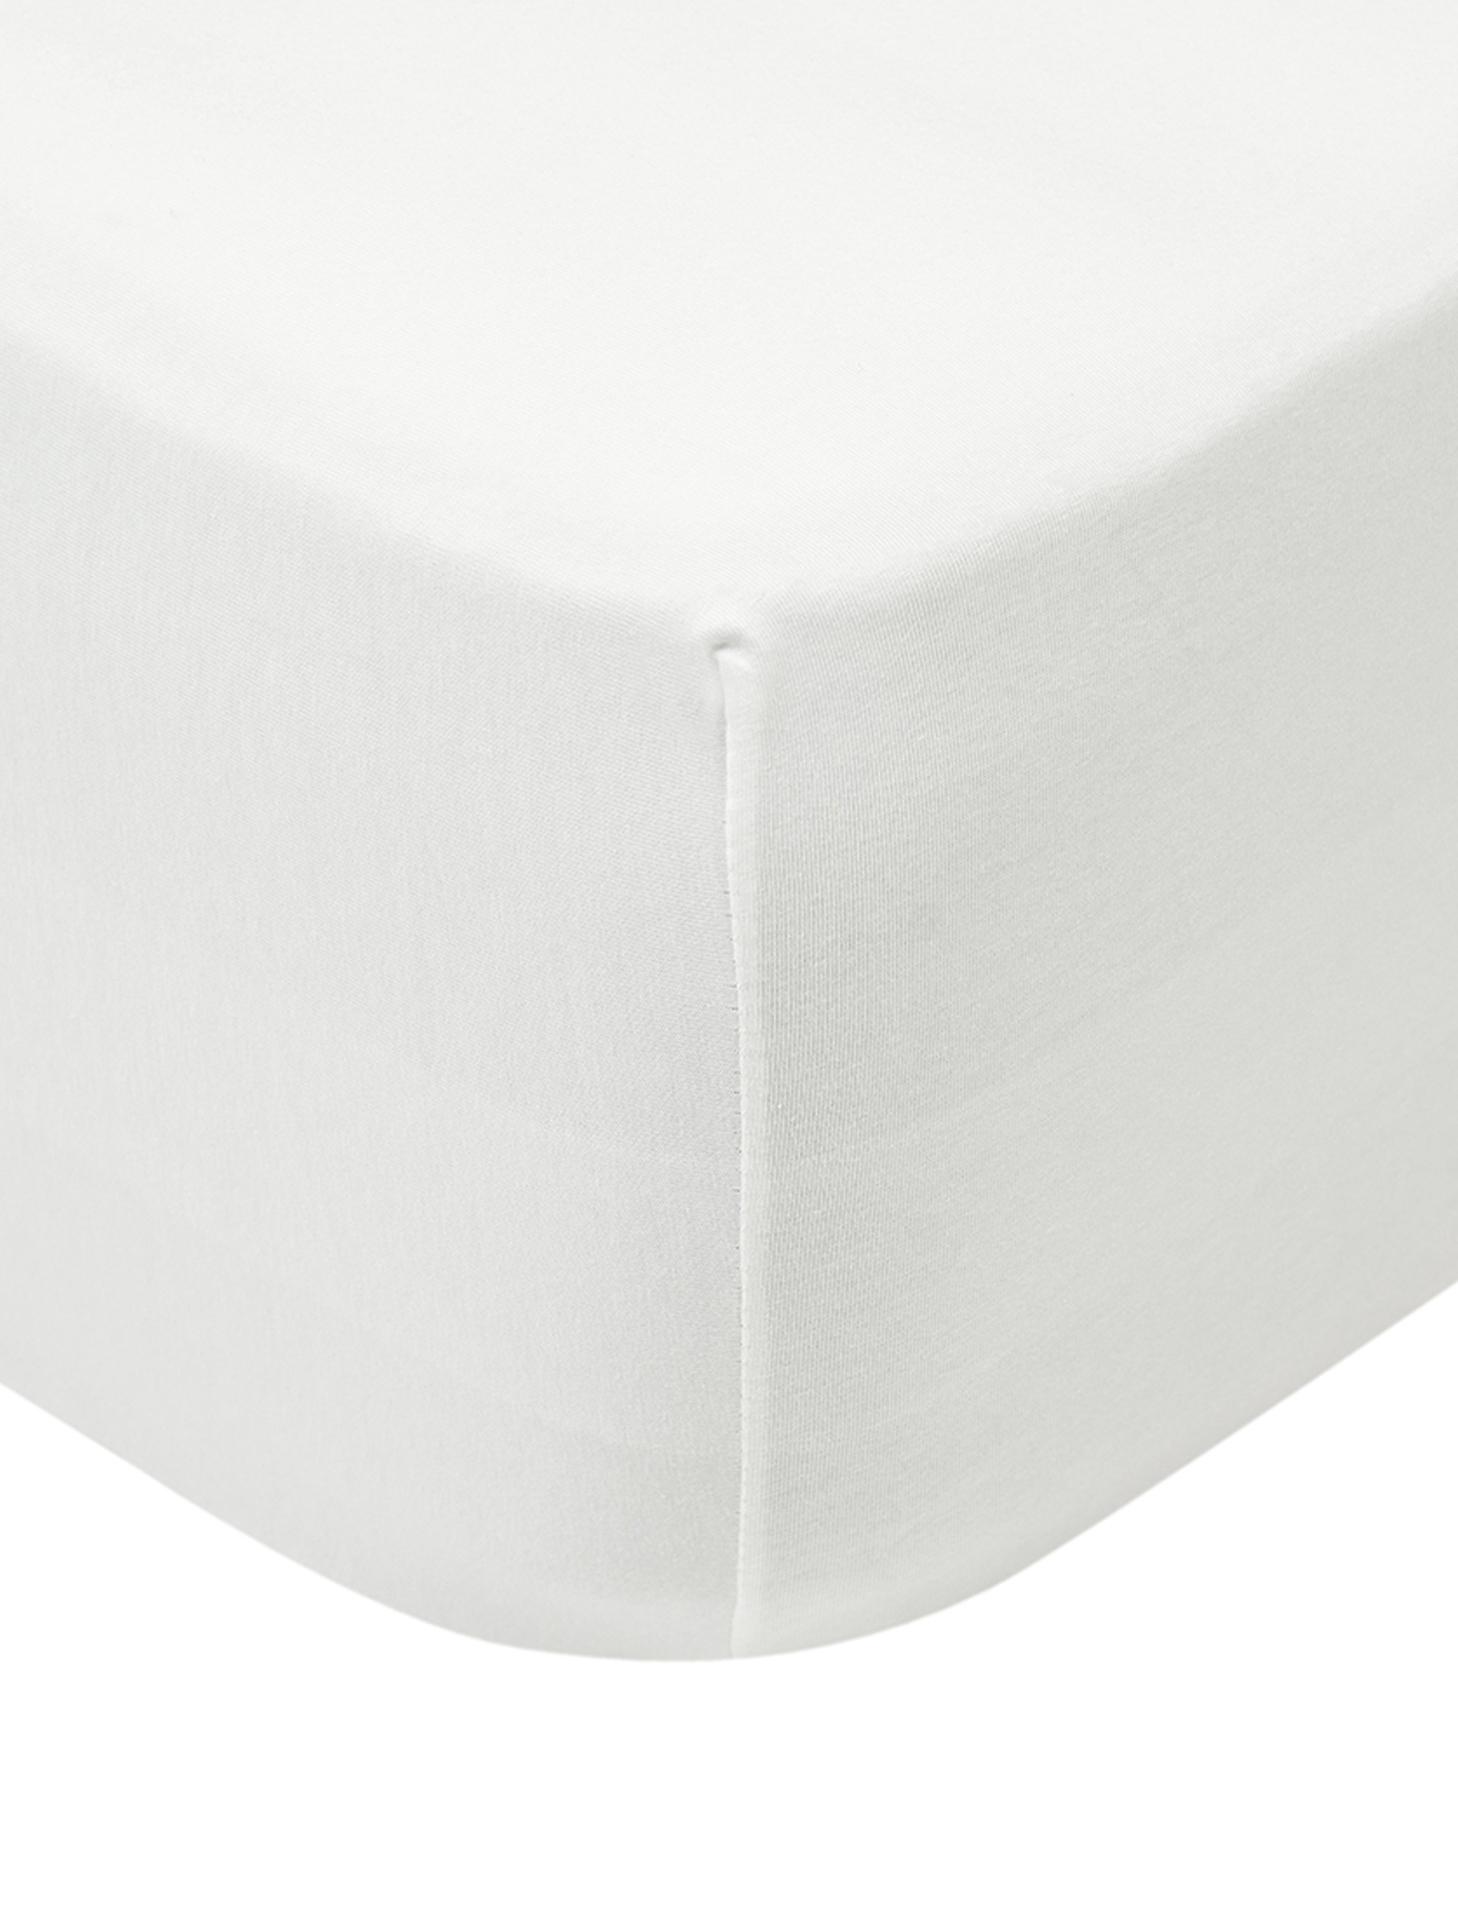 Boxspring-Spannbettlaken Lara, Jersey-Elasthan, 95% Baumwolle, 5% Elasthan, Cremefarben, 180 x 200 cm